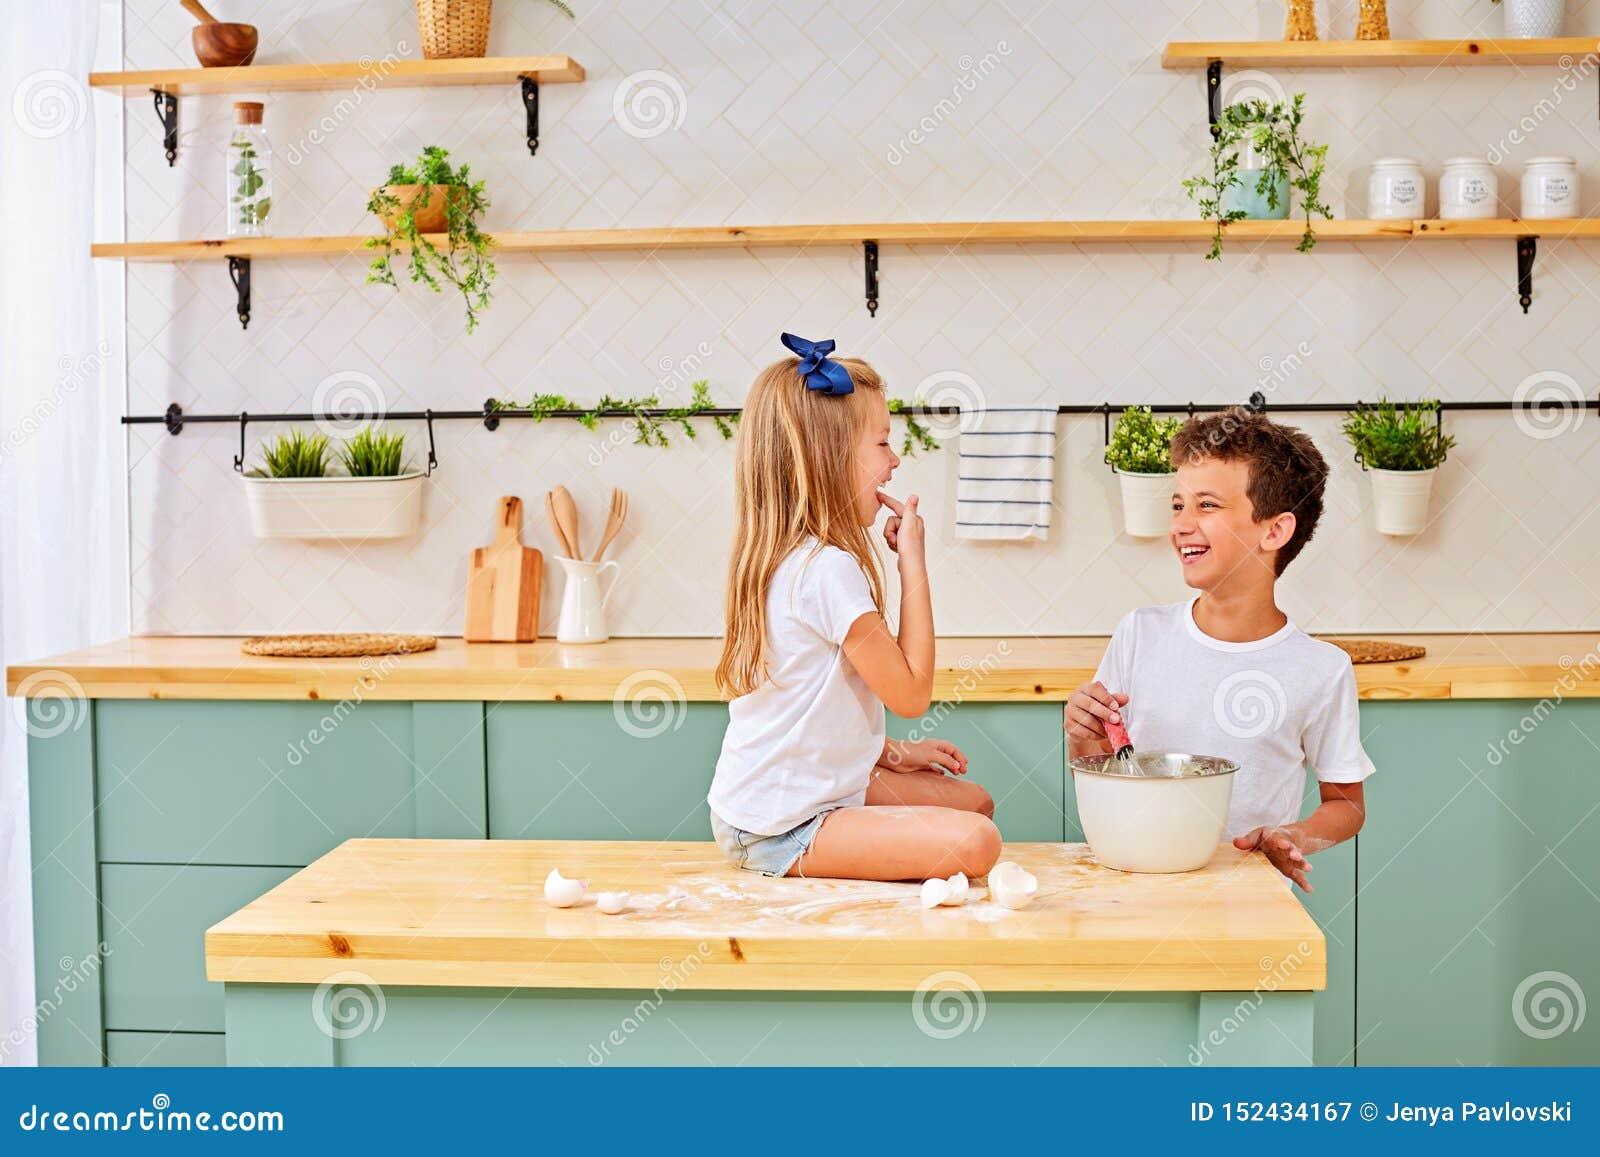 Barn en pojke och en flicka knådar en deg av mjöl och ägg och förbereder läckert